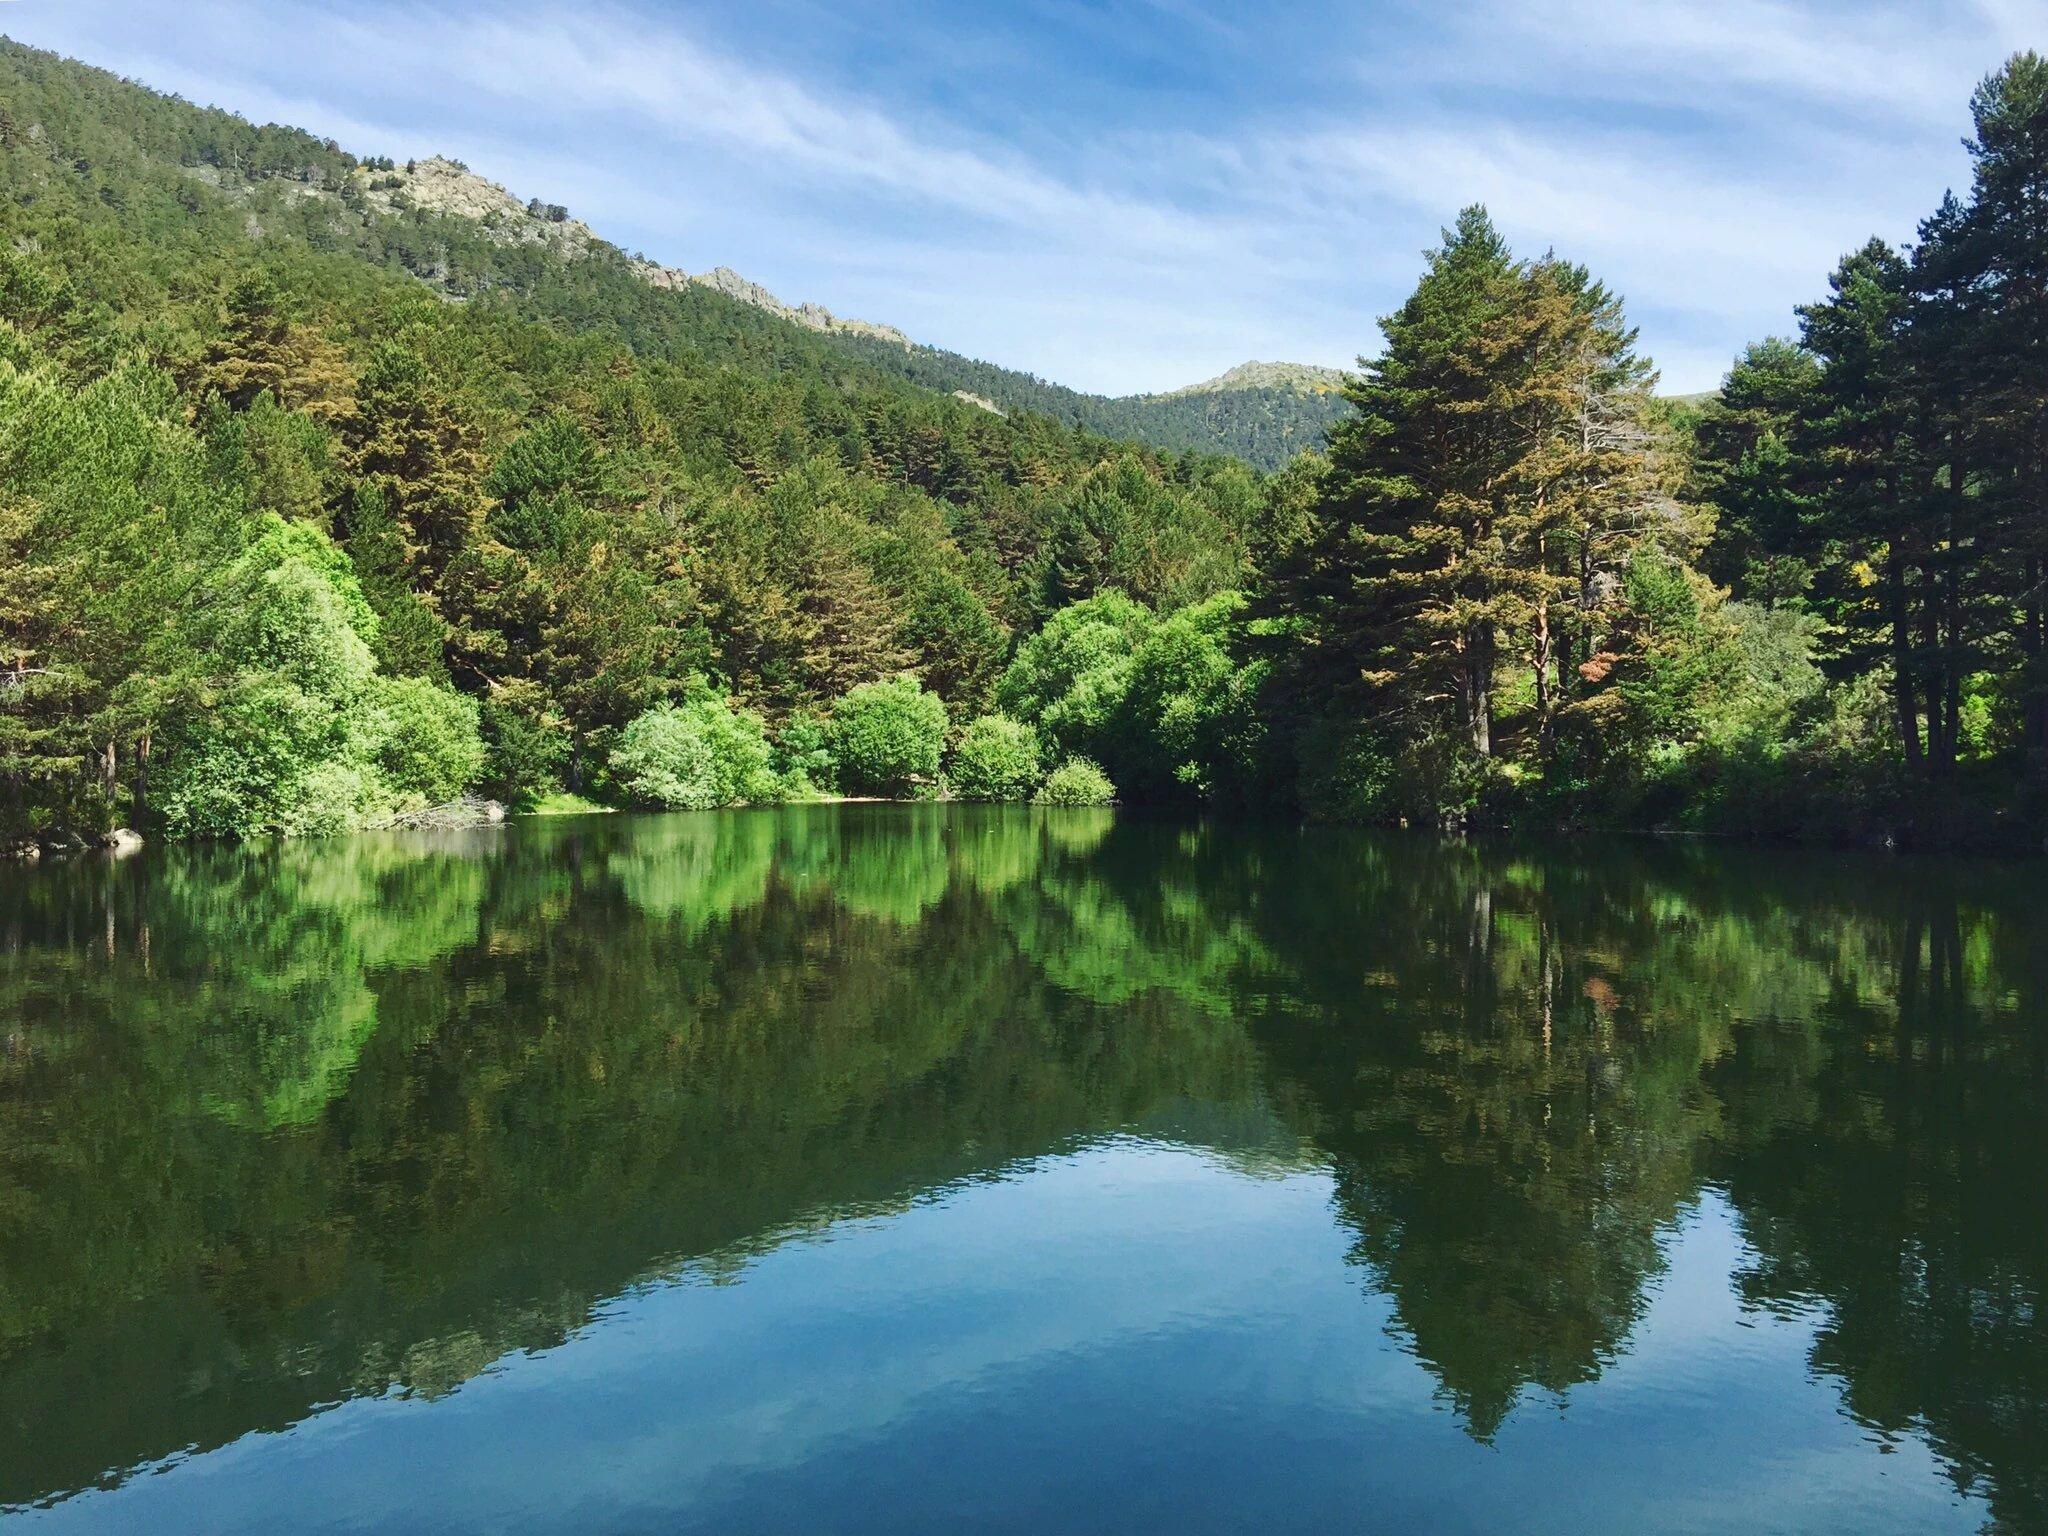 Así comienza un domingo de #minubetrip por la sierra de #madrid. ¡Increíble foto de @iizquierdo! 😃#turismo https://t.co/uHkLJxLmA7